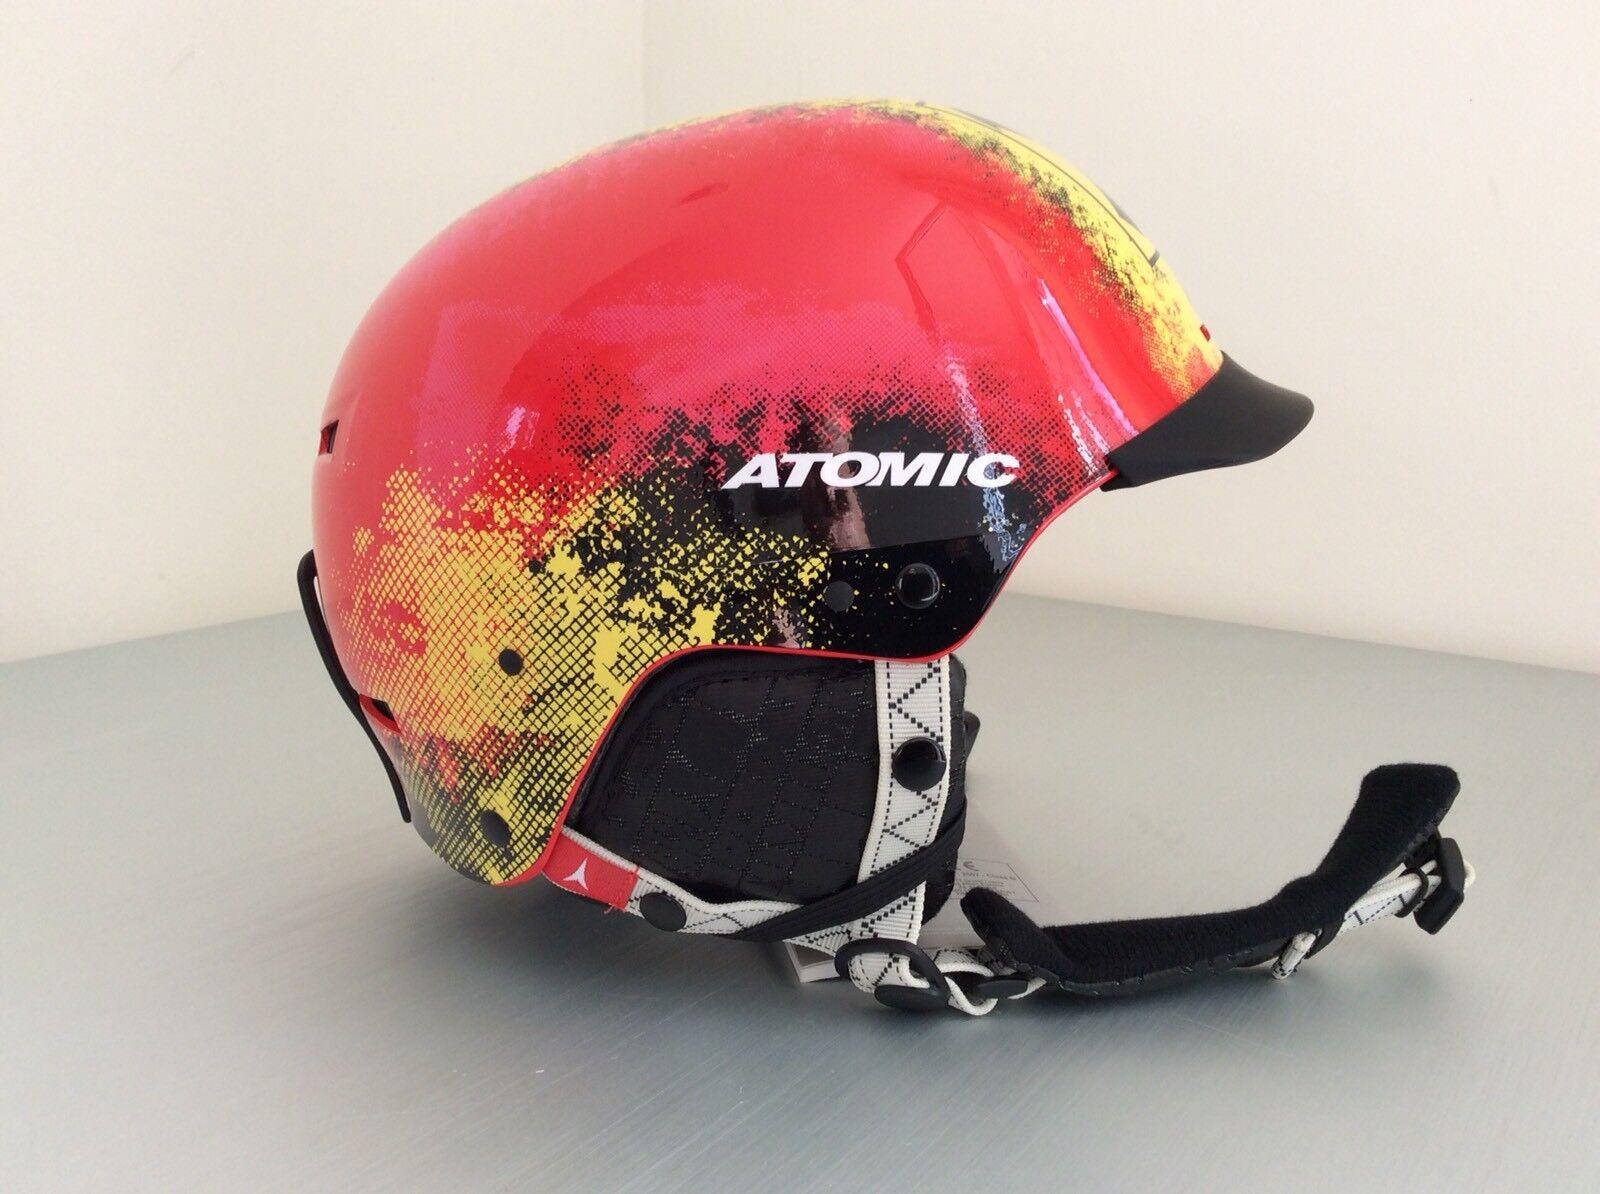 Skihelm Atomic Allmountainhelm Helm rot Gr. S